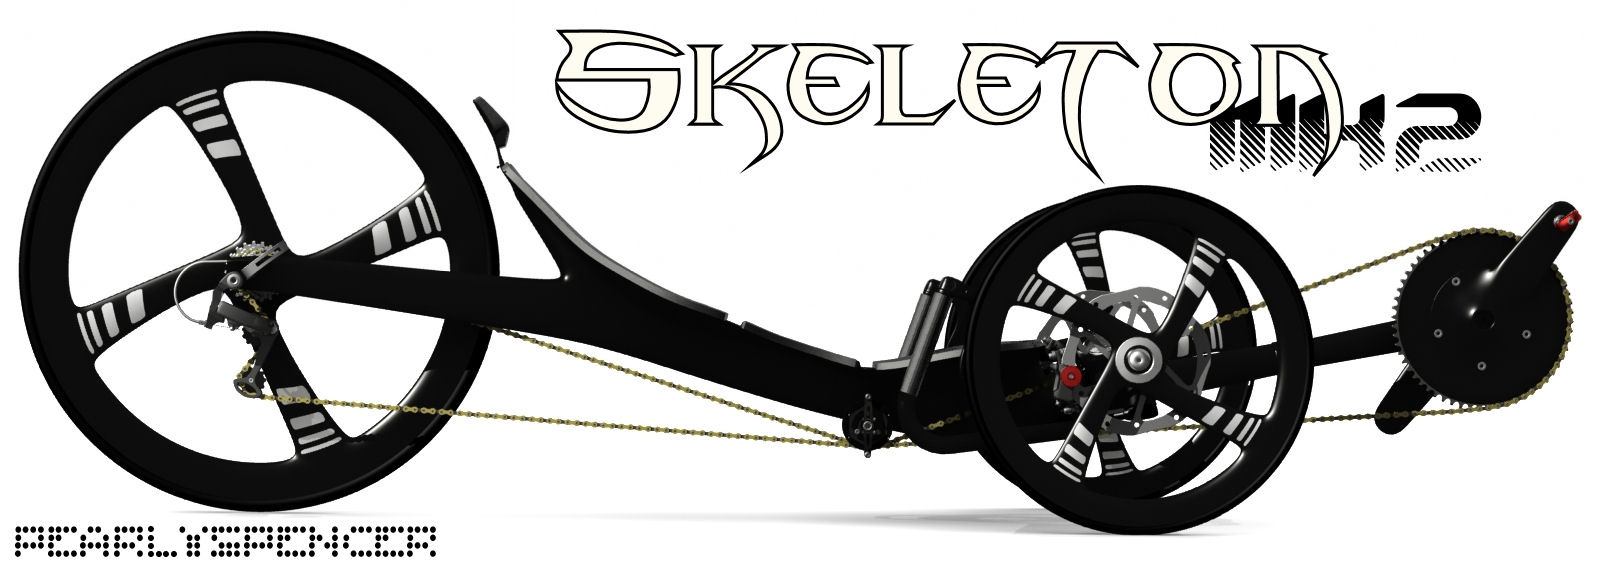 Carbon trike par Bacchetta - Page 2 Skelet12